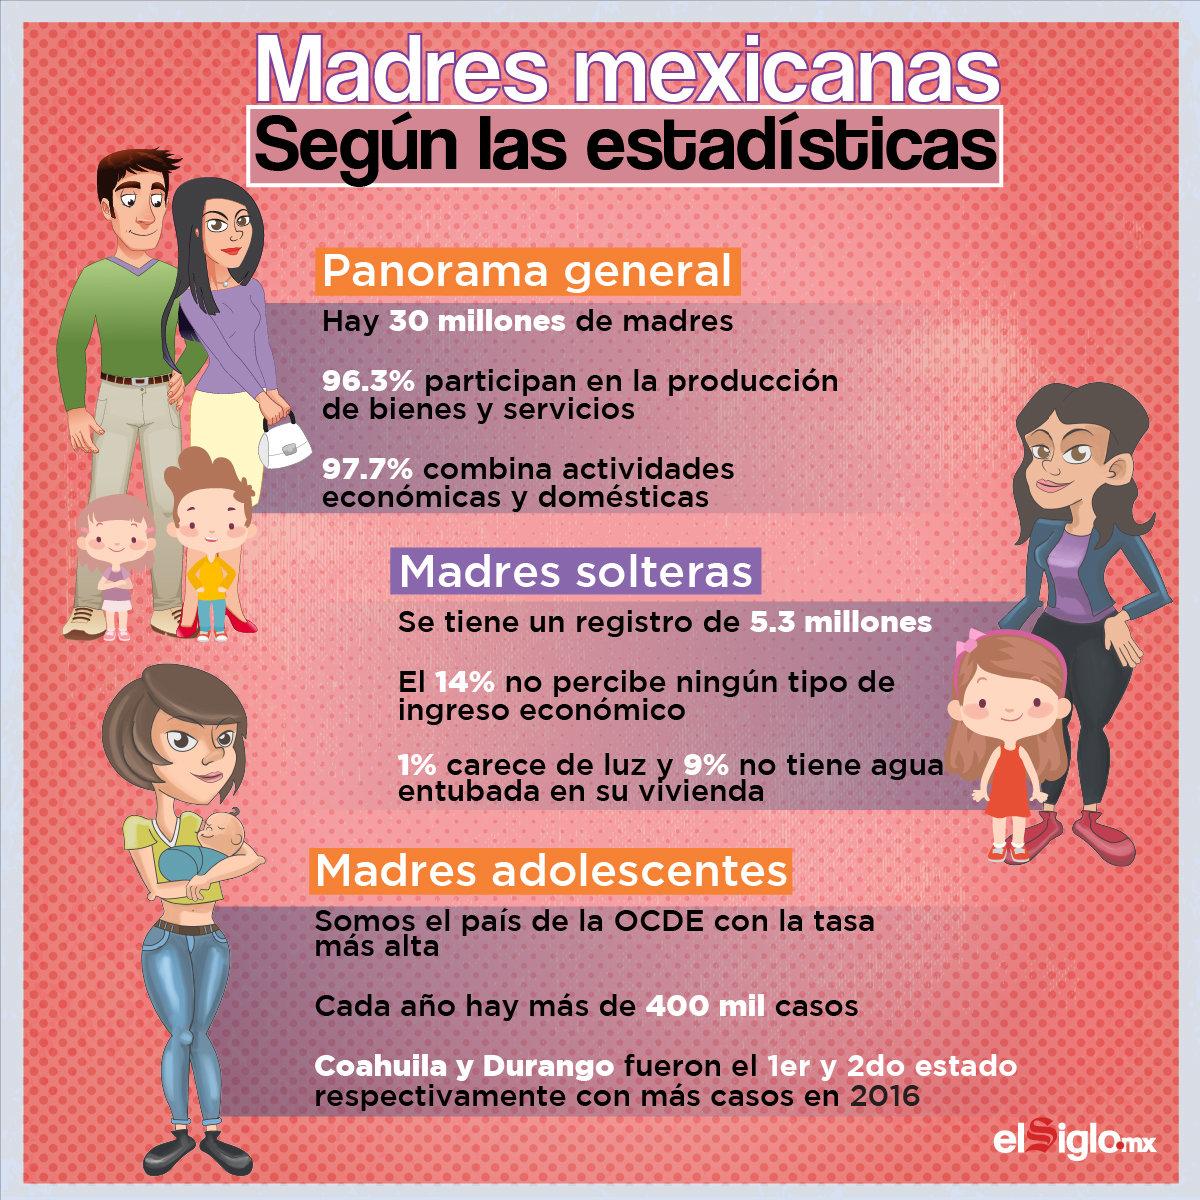 'Madres mexicanas, según las estadísticas